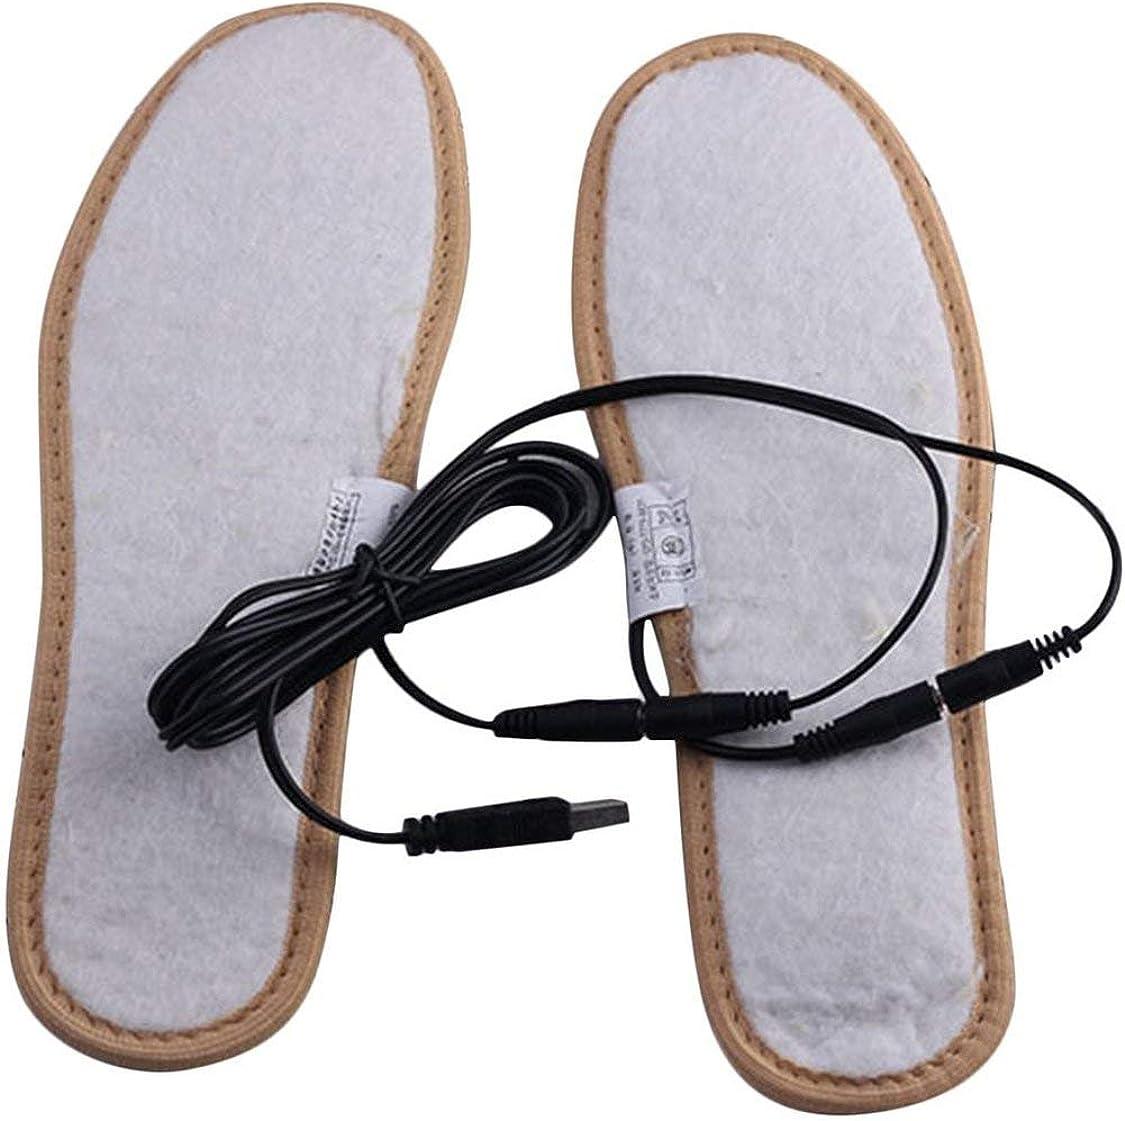 1 Paire de Semelles int/érieures chauffantes USB pour Le Chauffage /électrique en Fourrure Moelleuse en Peluche pour Garder au Chaud Les Pieds au Pied de Chaussures pour Hommes Femmes Kaki 38-39